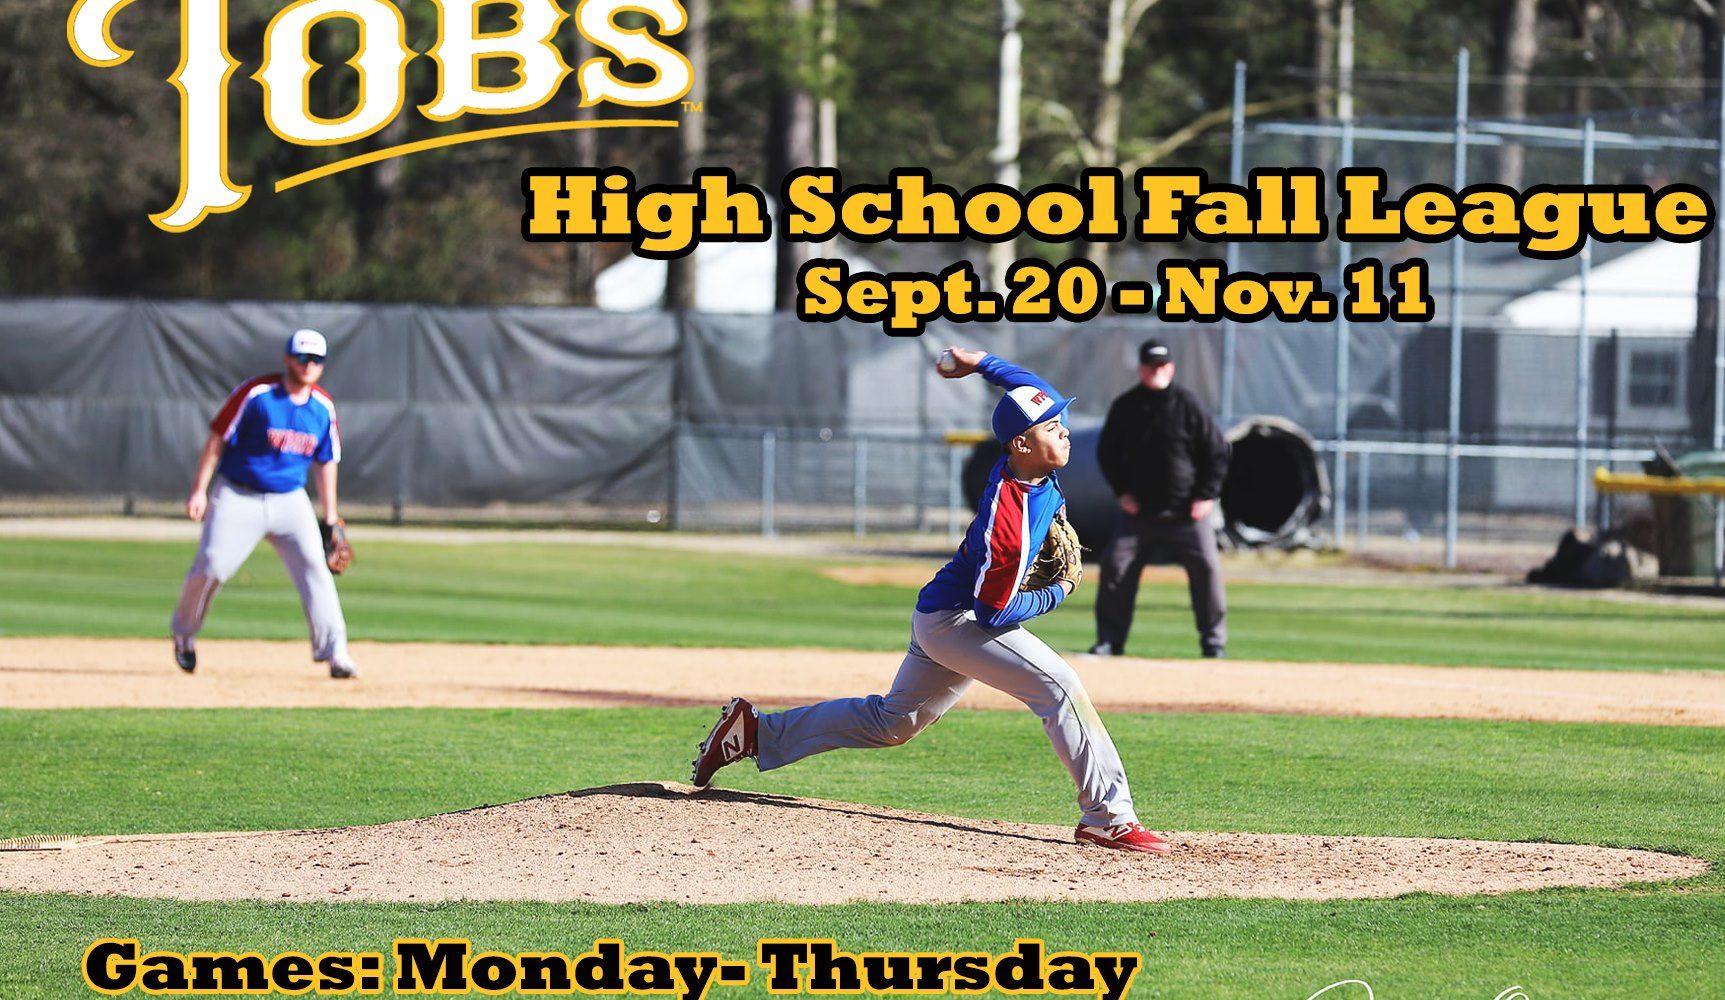 Tobs High School Fall League